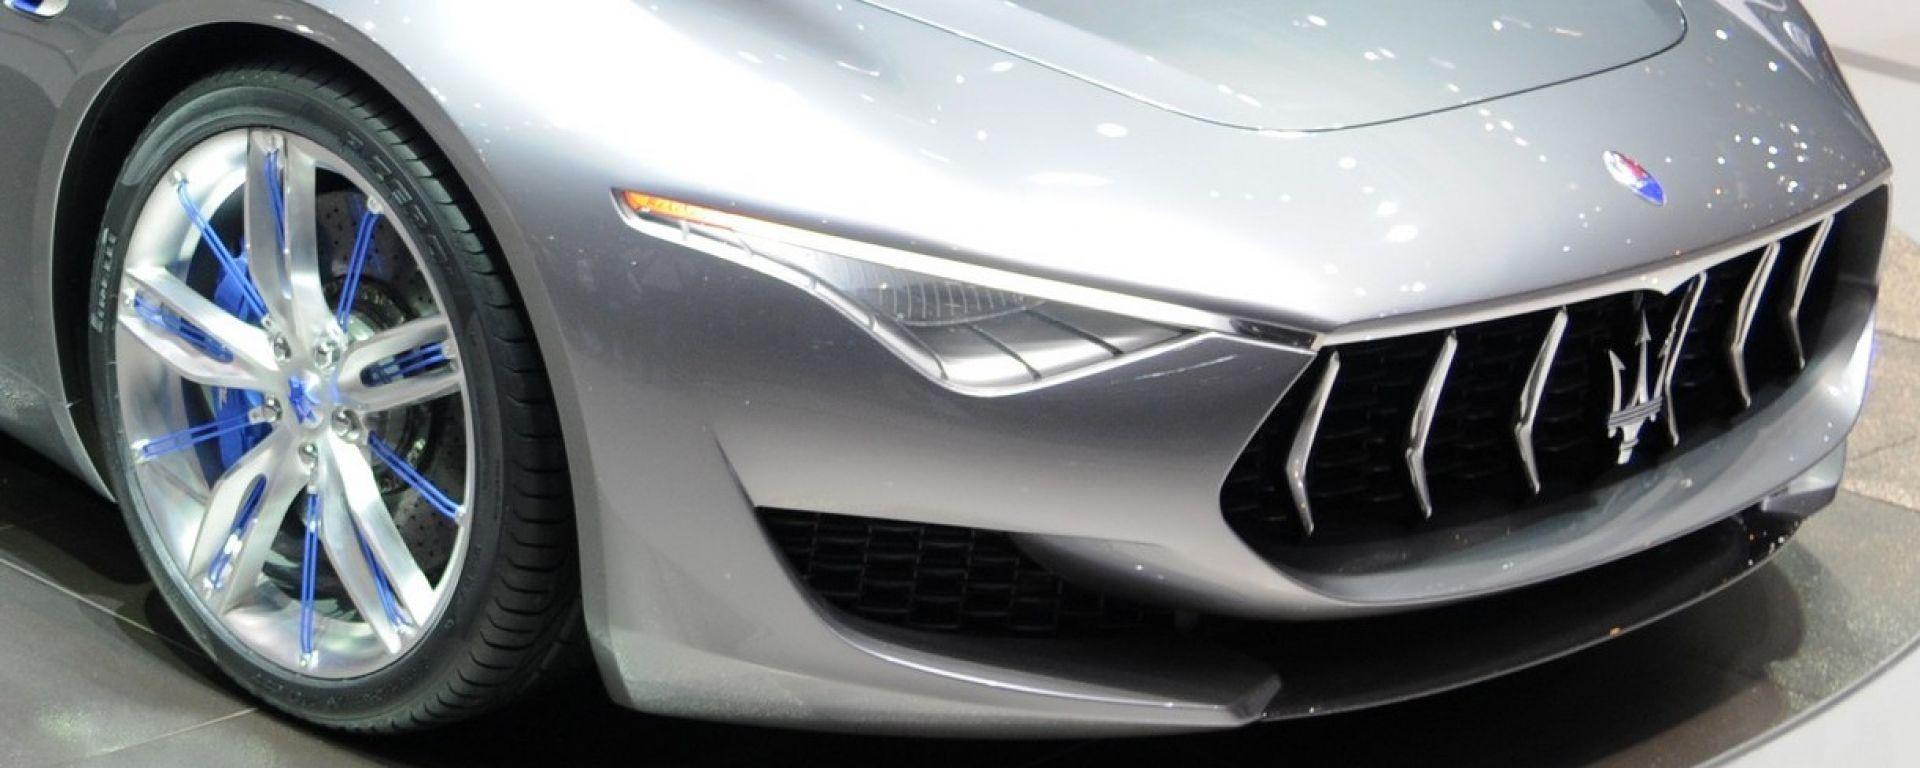 Maserati: primo modello elettrico nel 2019. E Alfa Romeo pronta per le corse?